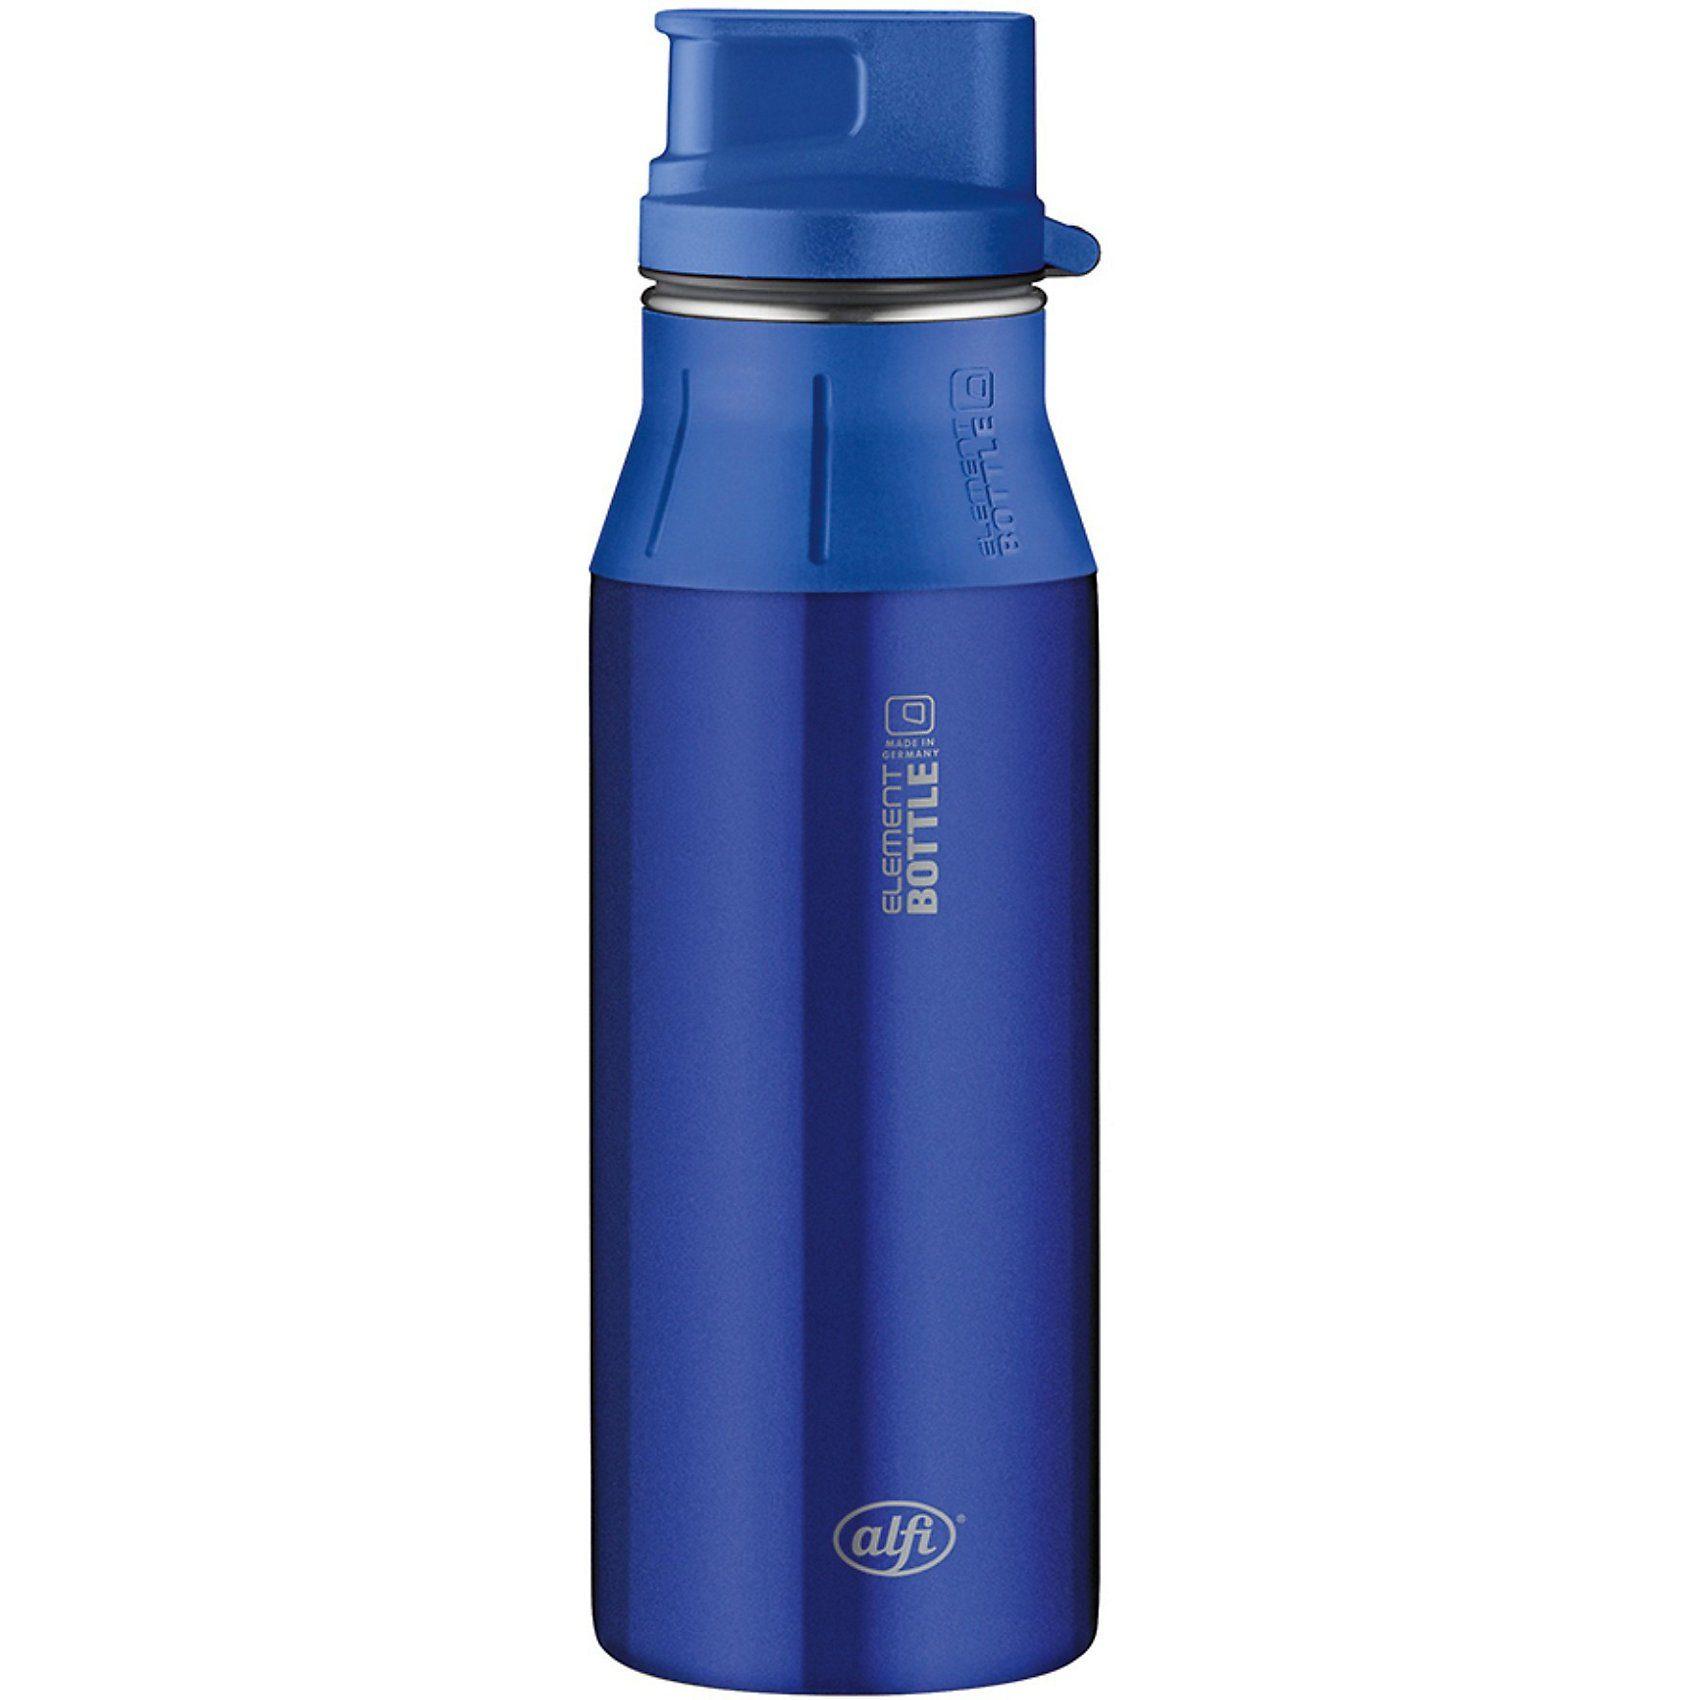 Alfi Trinkflasche elementBottle Pure blau, 600 ml